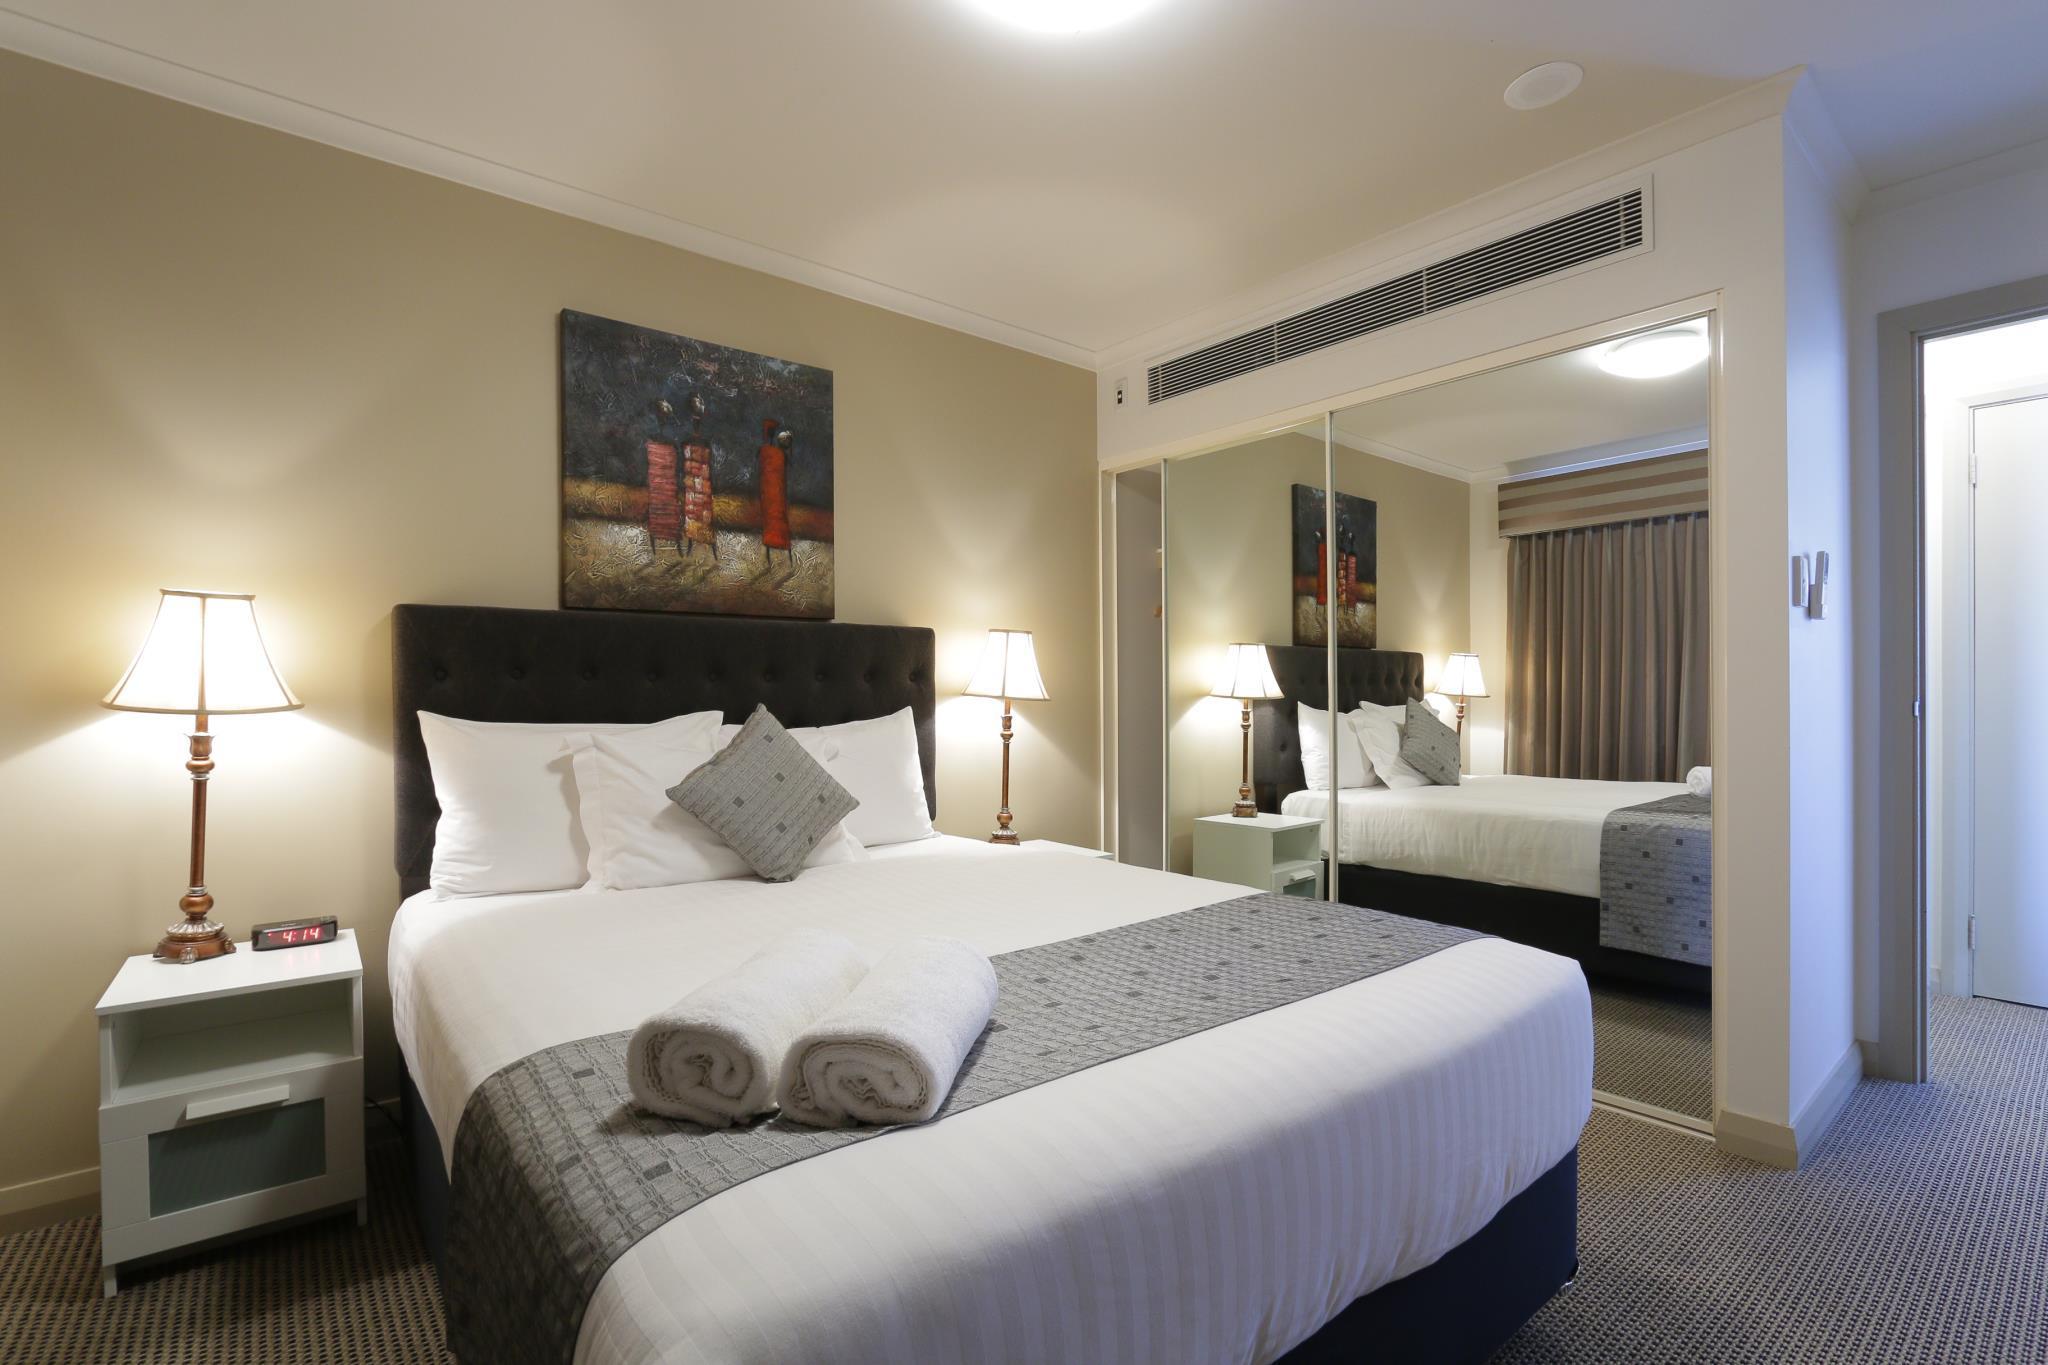 More About Verandah Apartments